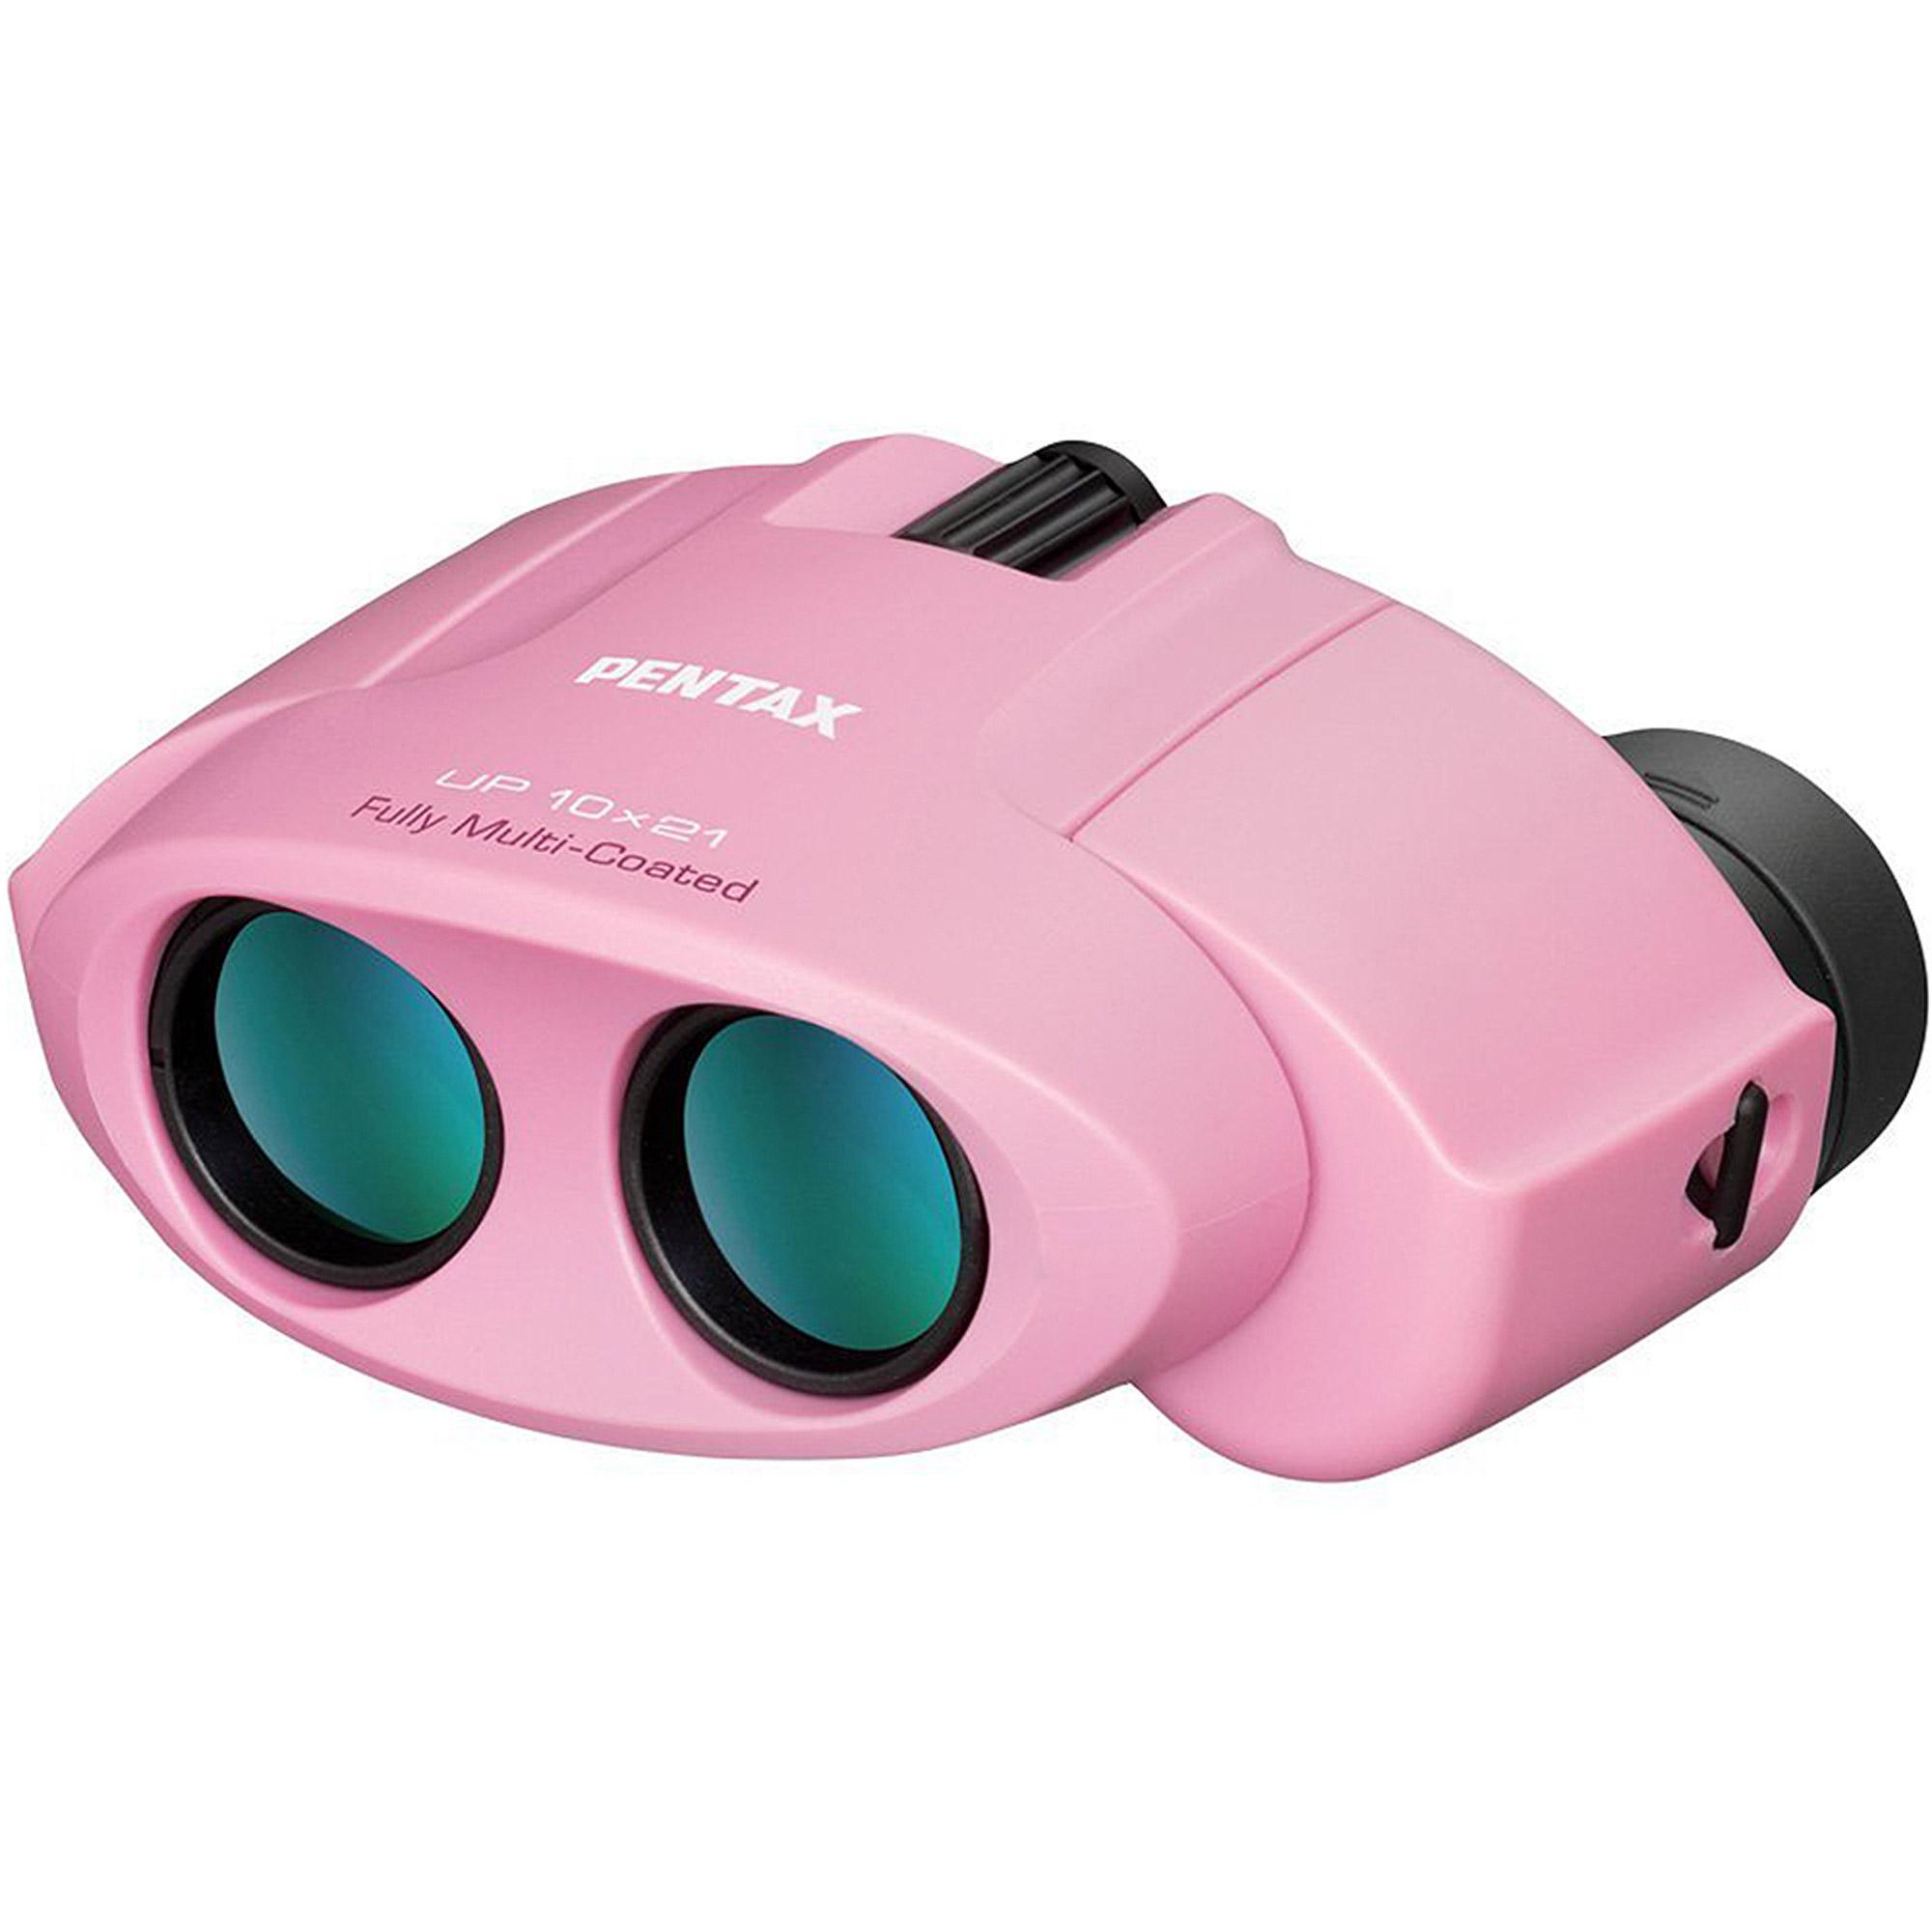 Deals PENTAX UP 10×21 Binocular, Pink Before Special Offer Ends